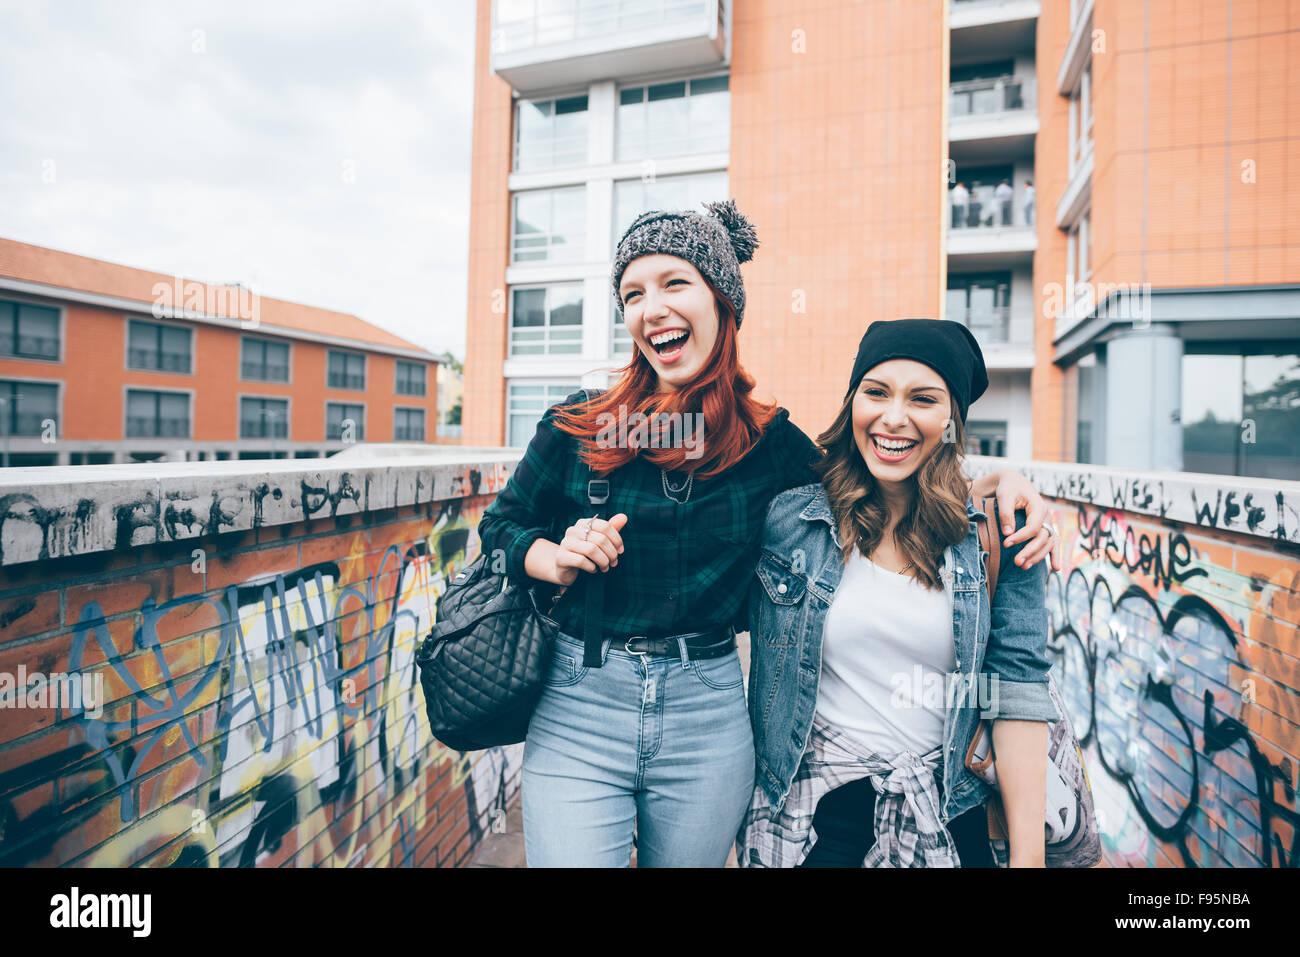 Ginocchio la figura dei due giovani caucasici bello biondo e redhead capelli dritti donne abbracciando a piedi all'aperto Immagini Stock